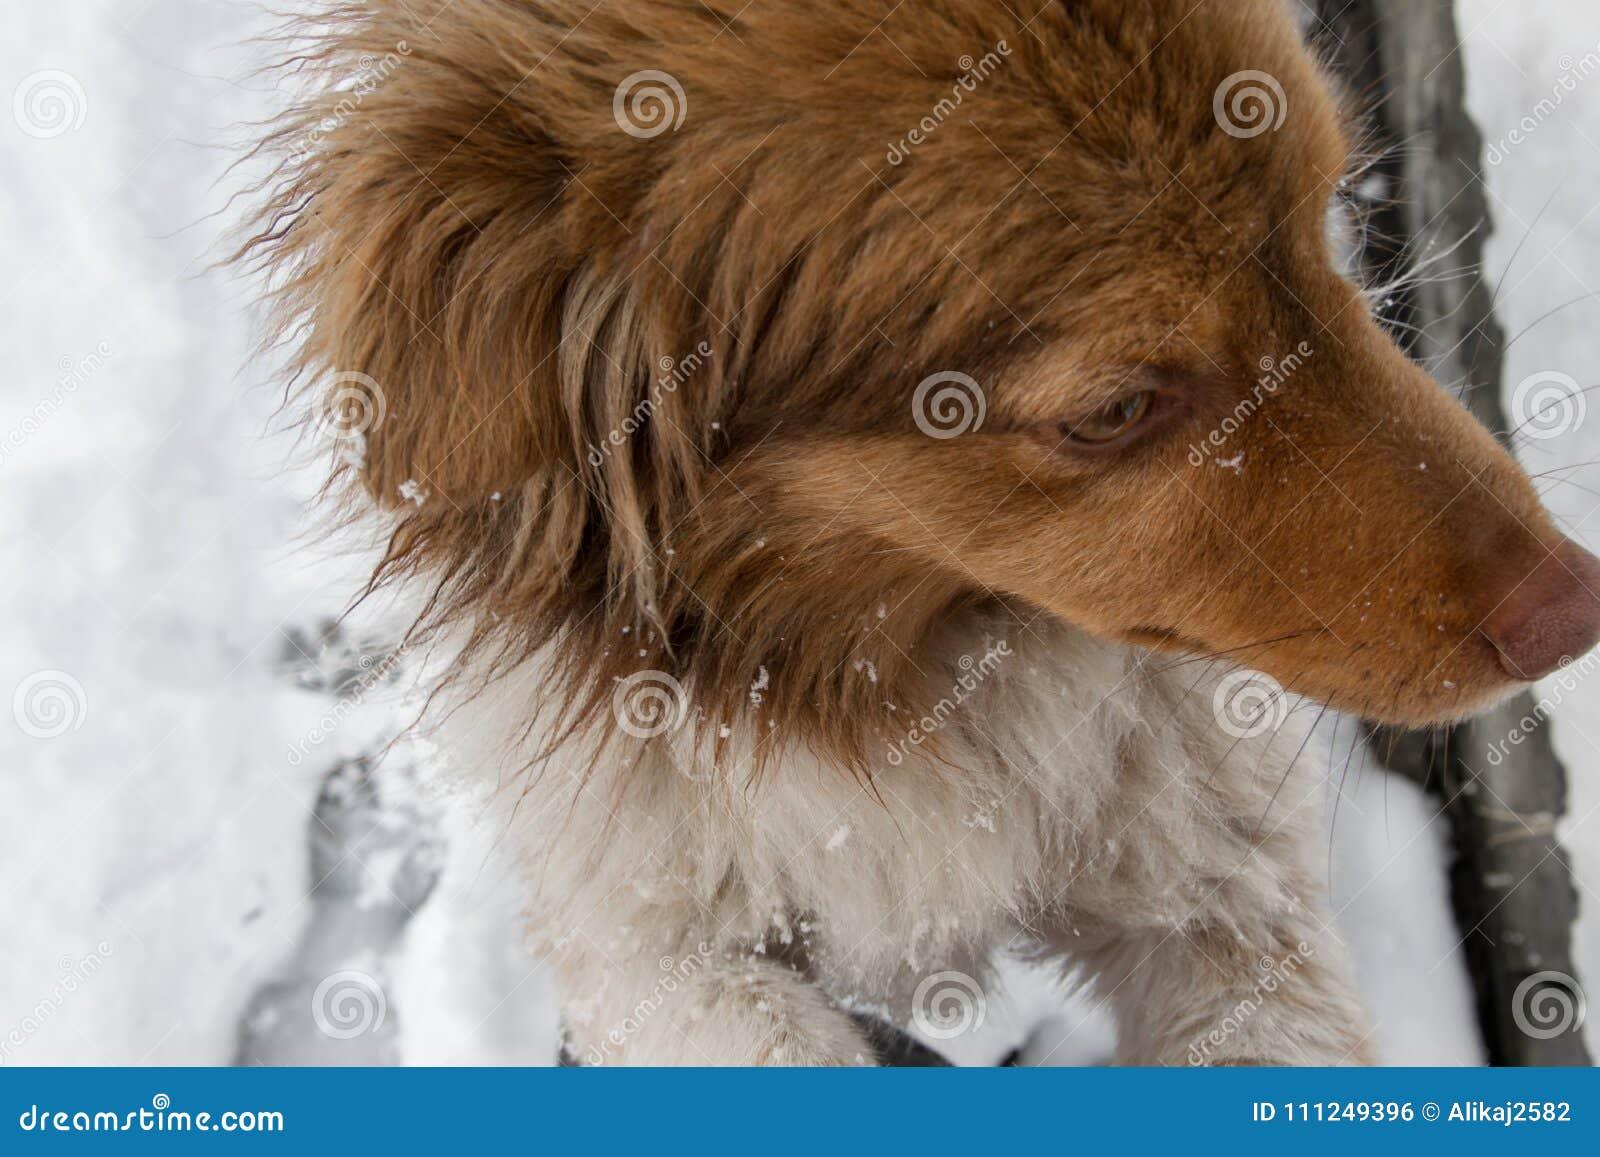 Ζωή σκυλιών - η χαρά βγαίνει στο χιόνι, προσωπική προοπτική